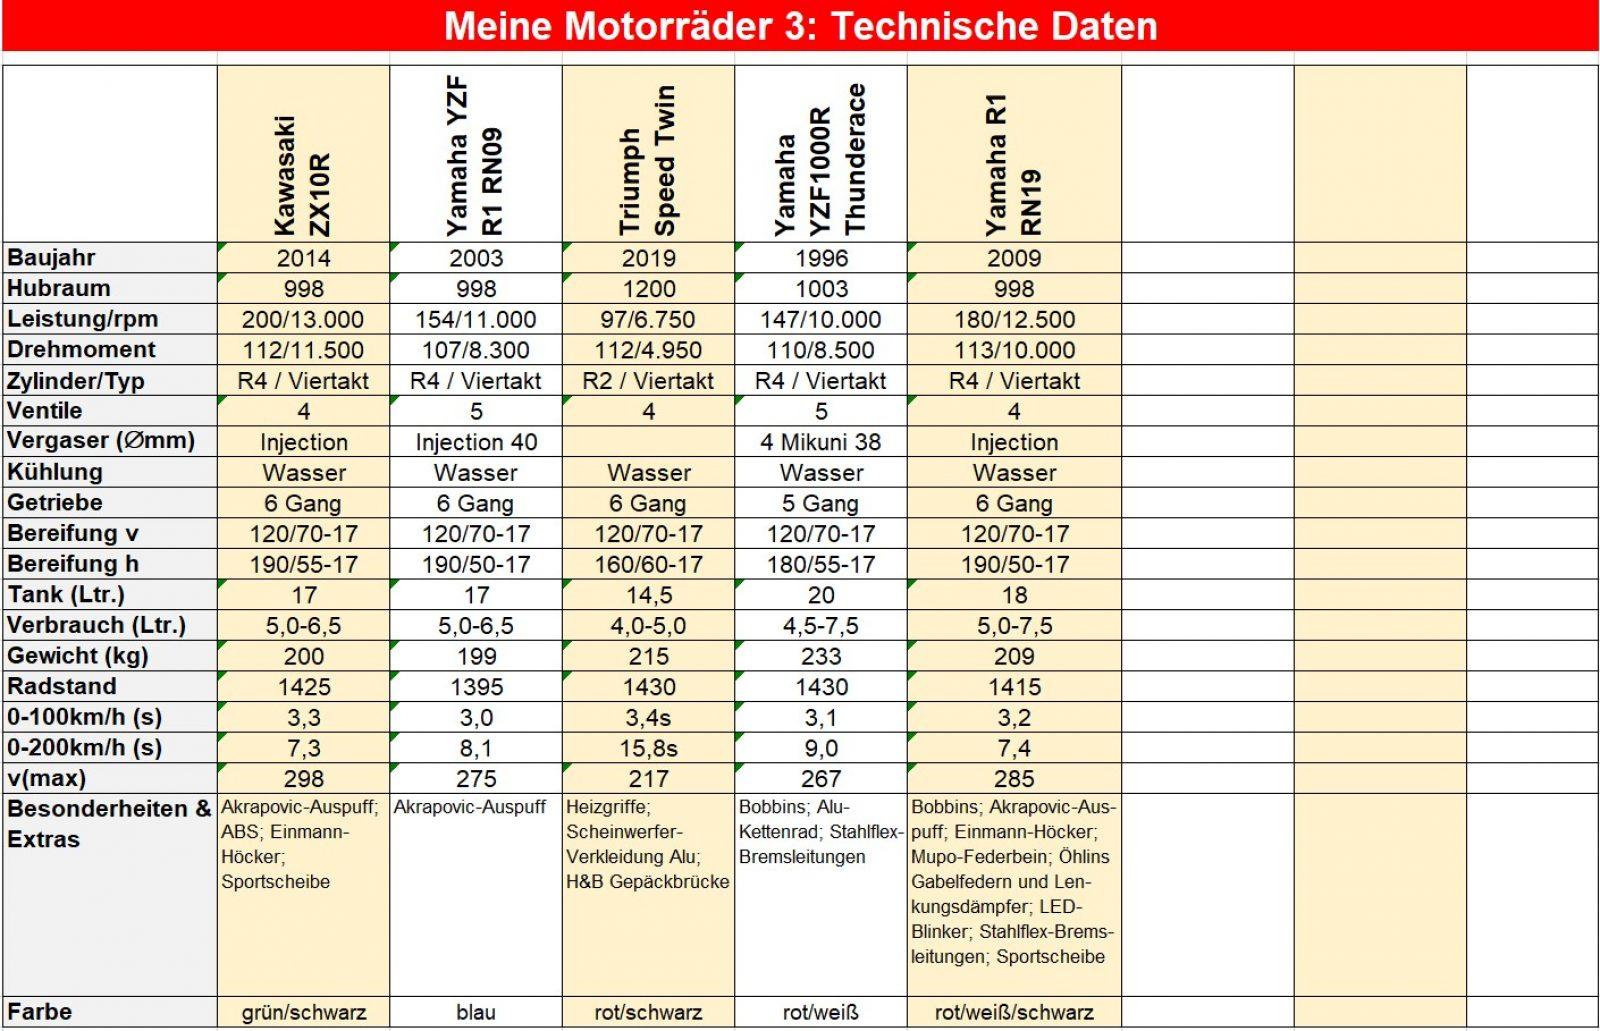 00 Technische Daten_S03